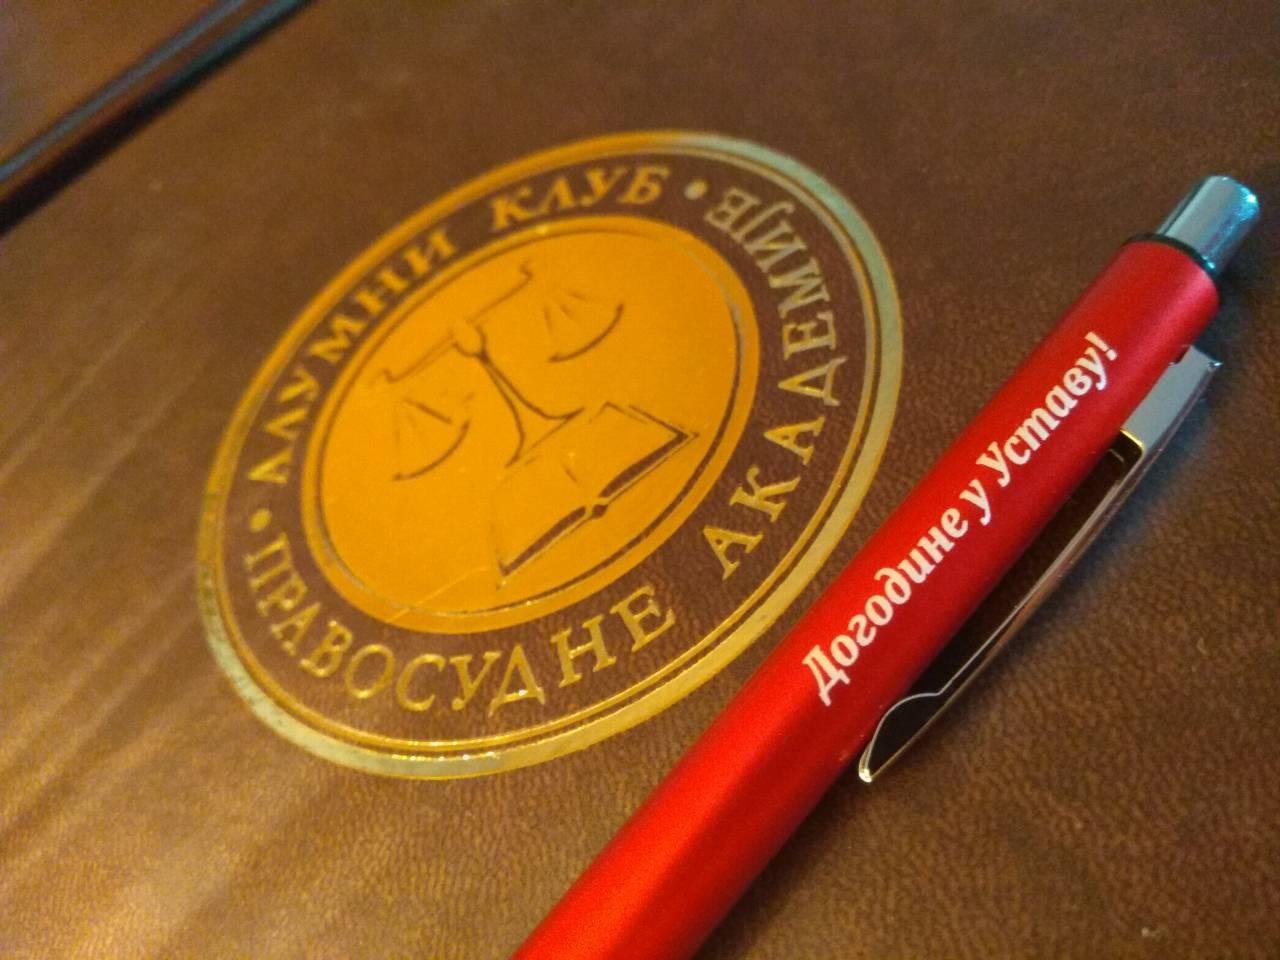 http://www.alumni-pars.rs/wp-content/uploads/2017/10/olovka-crvena.jpg